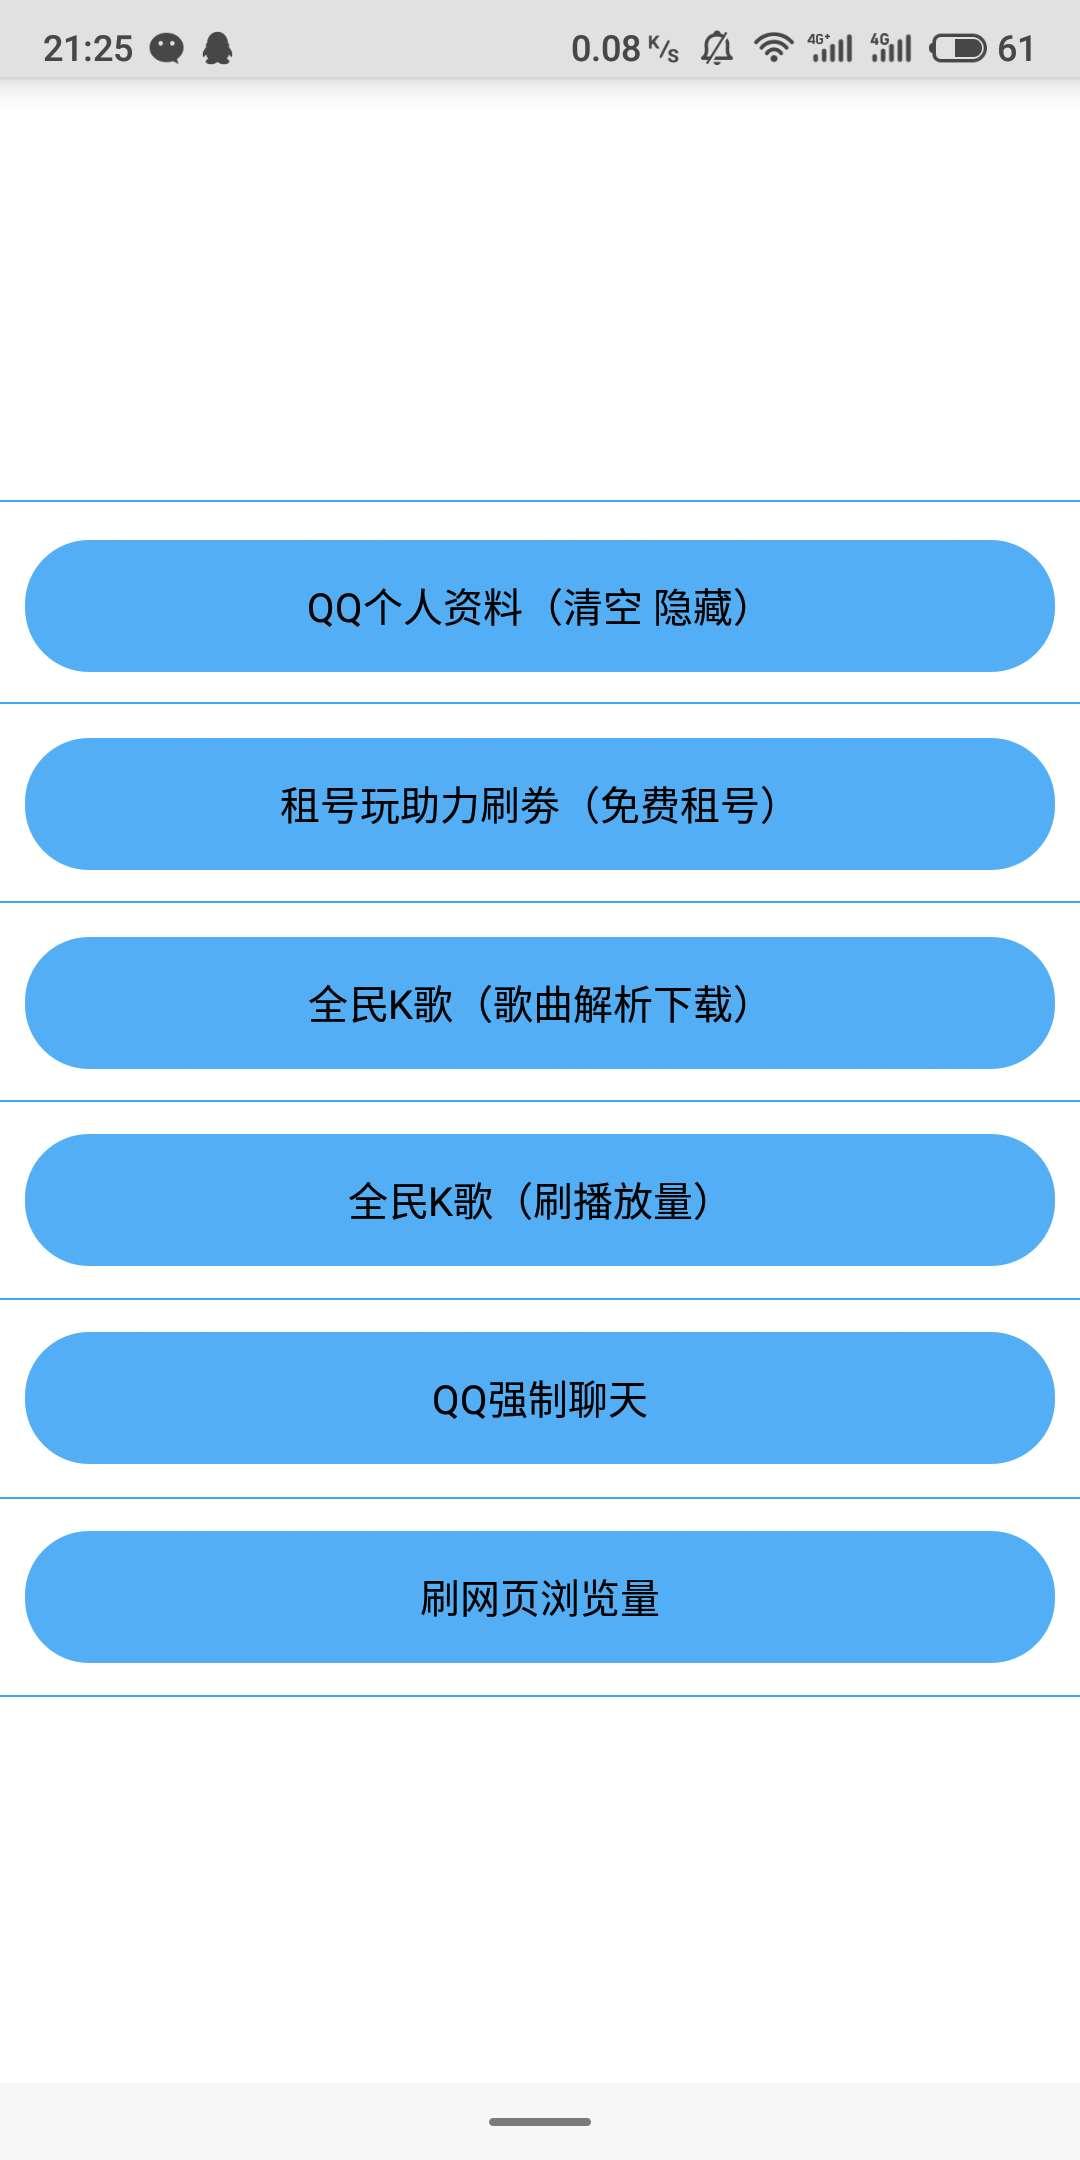 【原创开发】布偶必备工具V5.1 ( 透明头像免会员 资料清空)